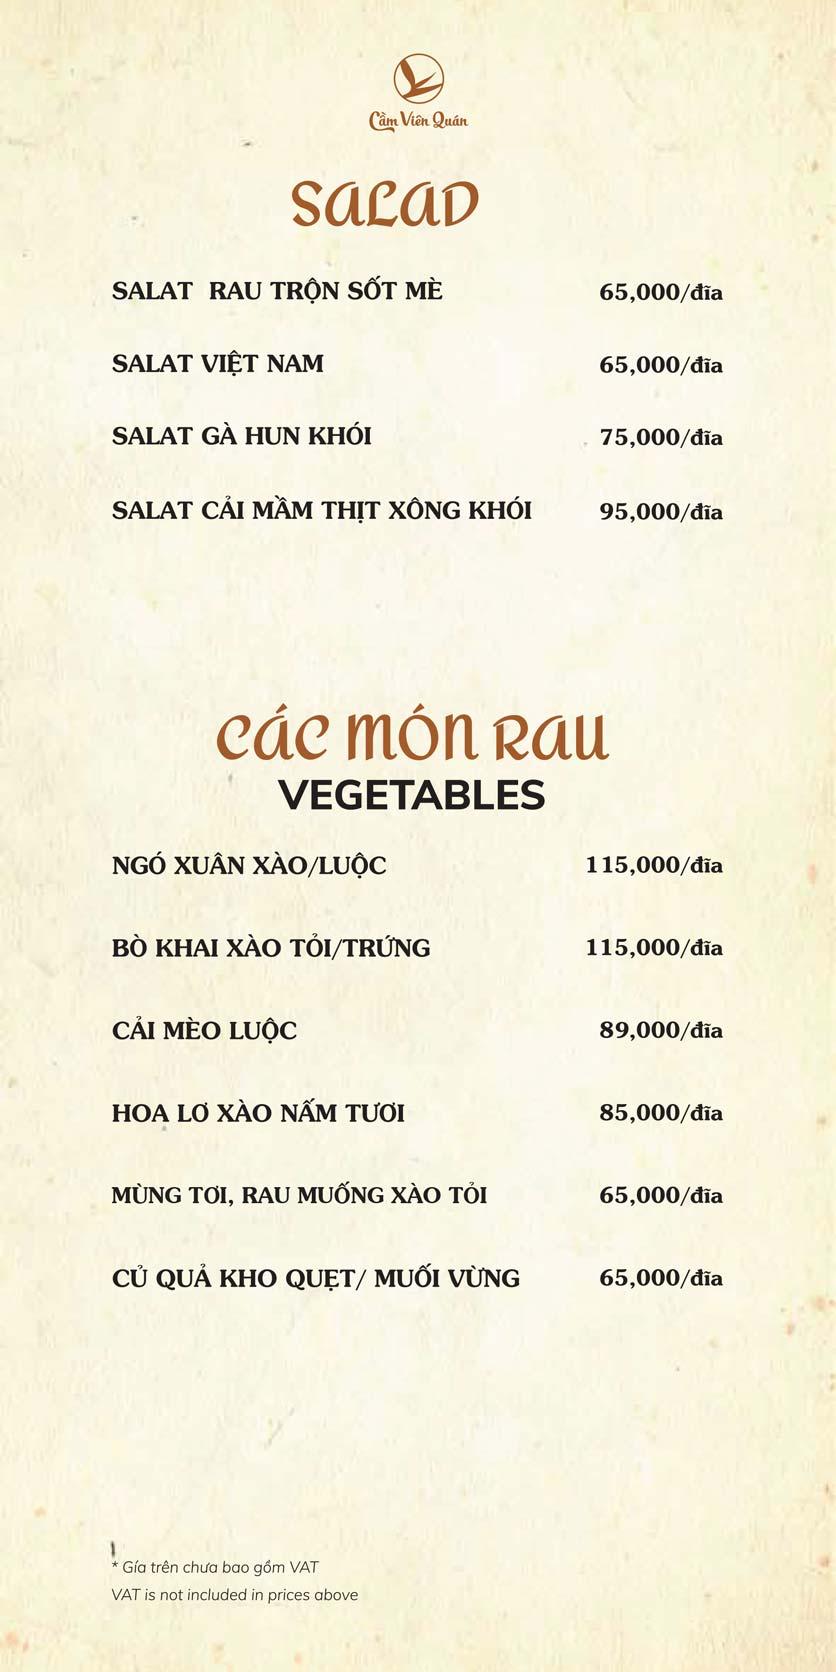 Menu Cầm Viên Quán - Nguyễn Văn Lộc 3